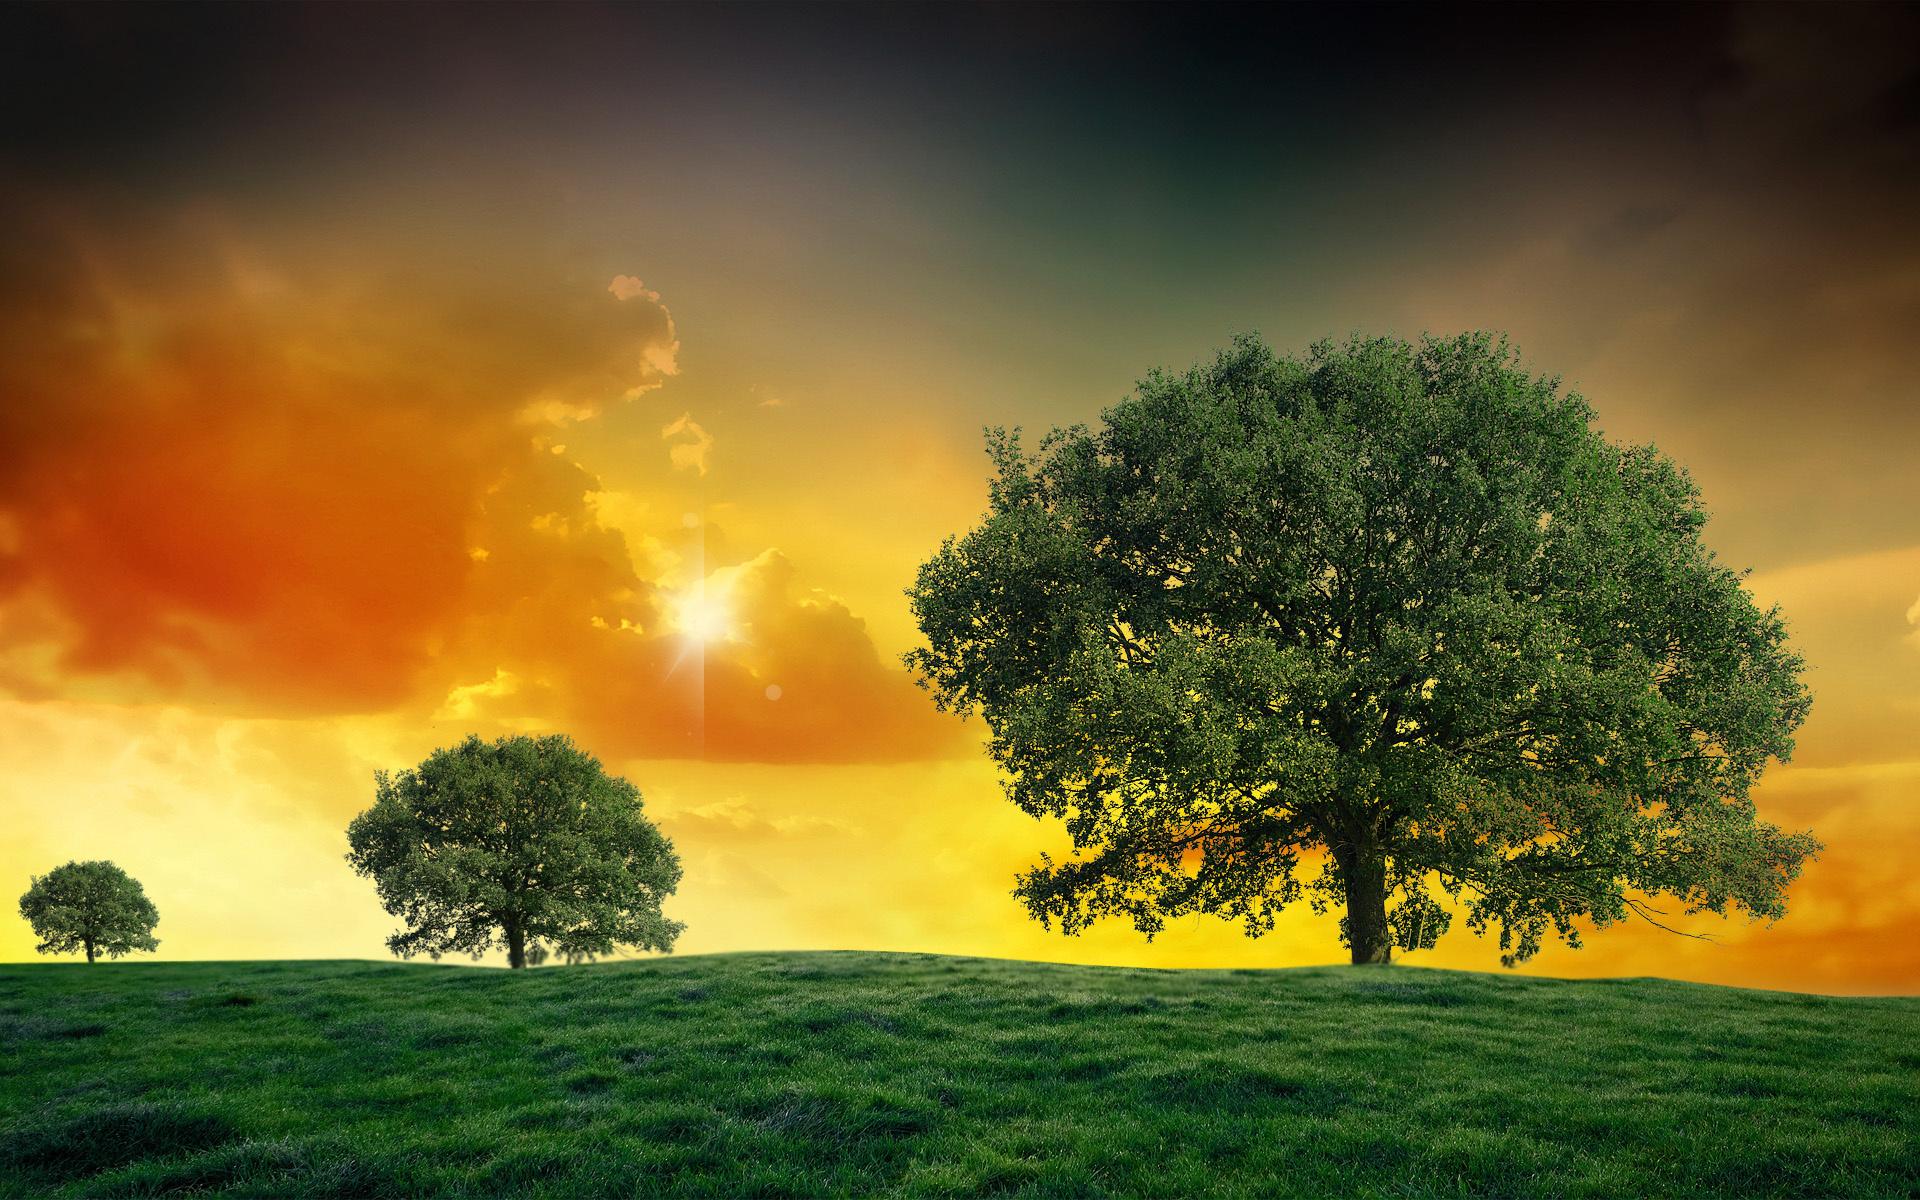 Sunset Field Trees Landscape Clouds Wallpaper 1920x1200 143890 Wallpaperup